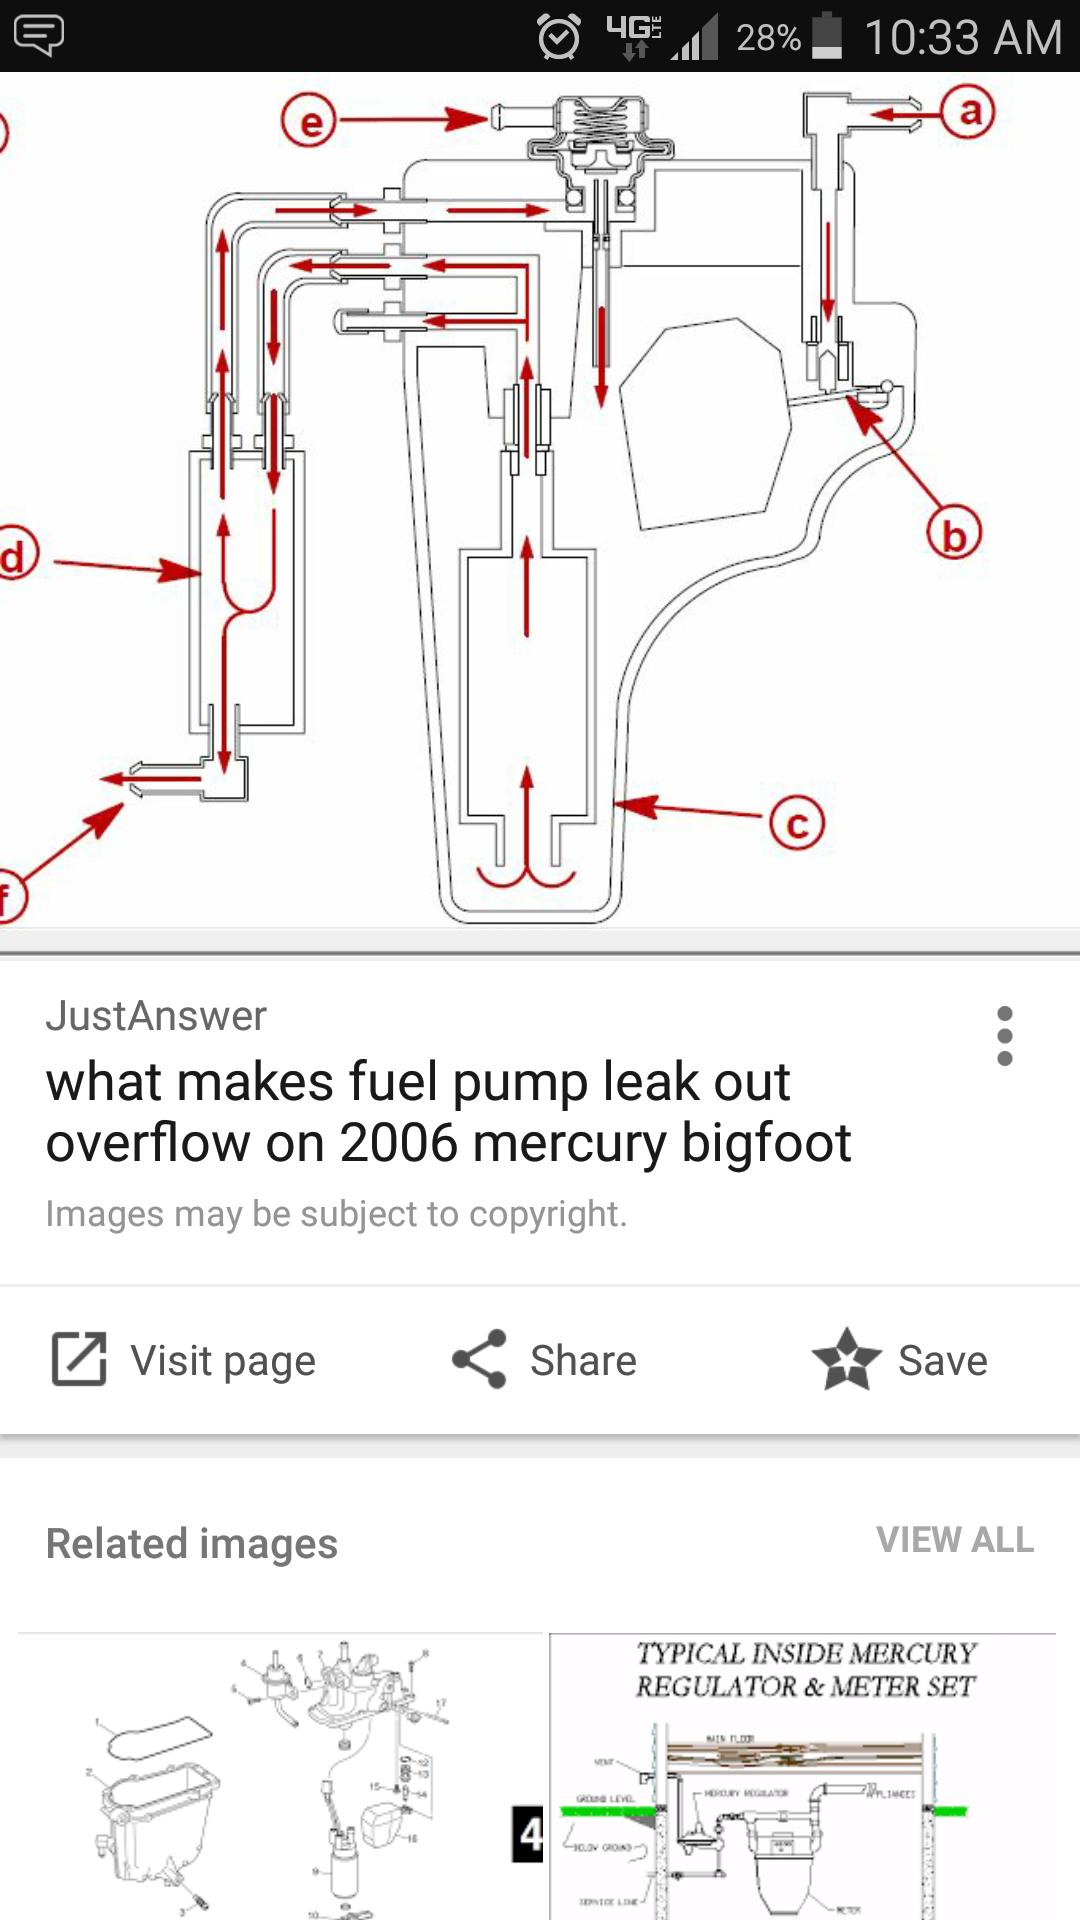 When it's in full throttle, it cuts out, like it's not